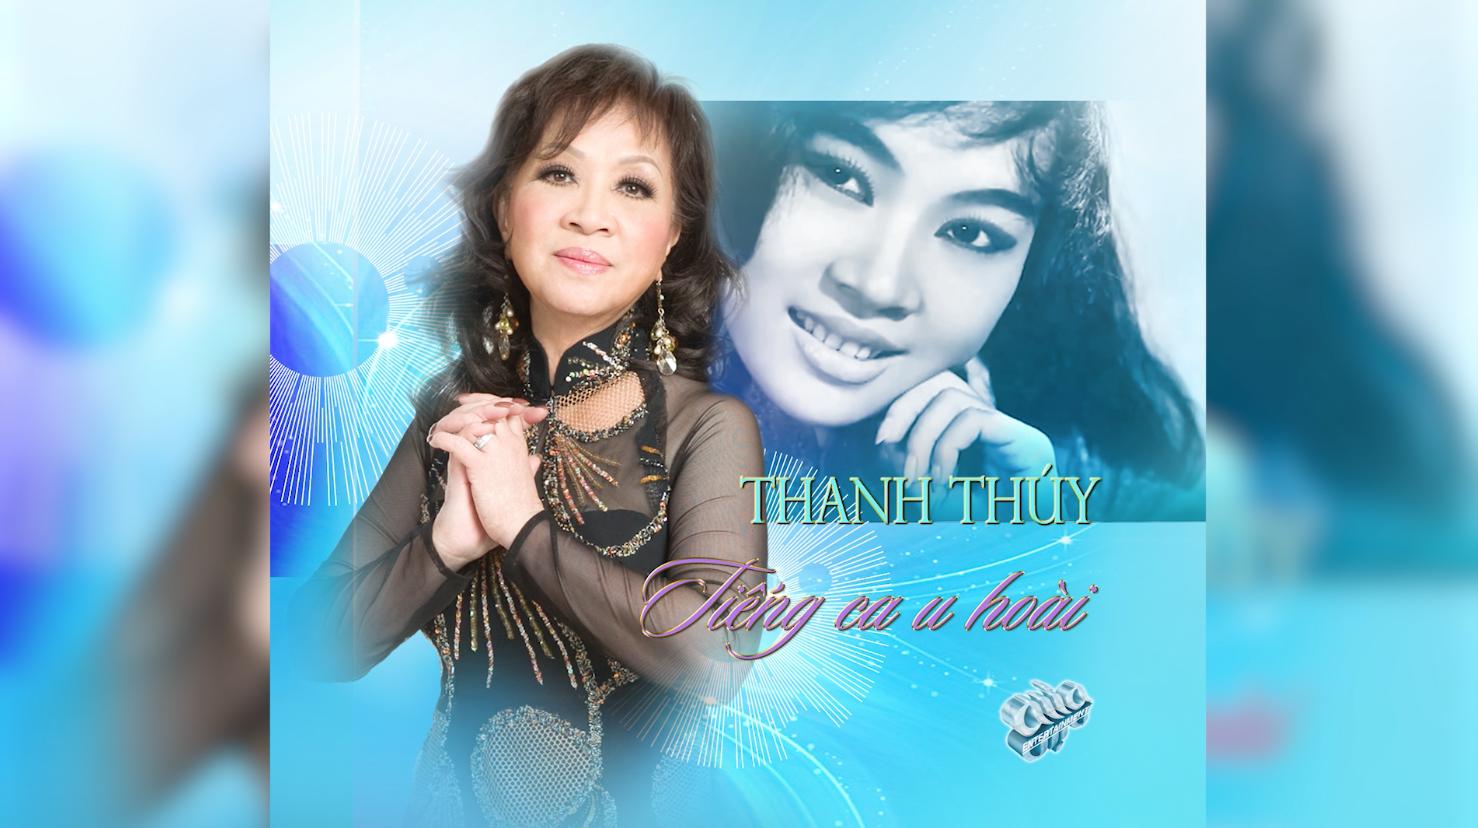 Trung Tâm Asia phát hành CD Thanh Thuý – Tiếng Ca U Hoài